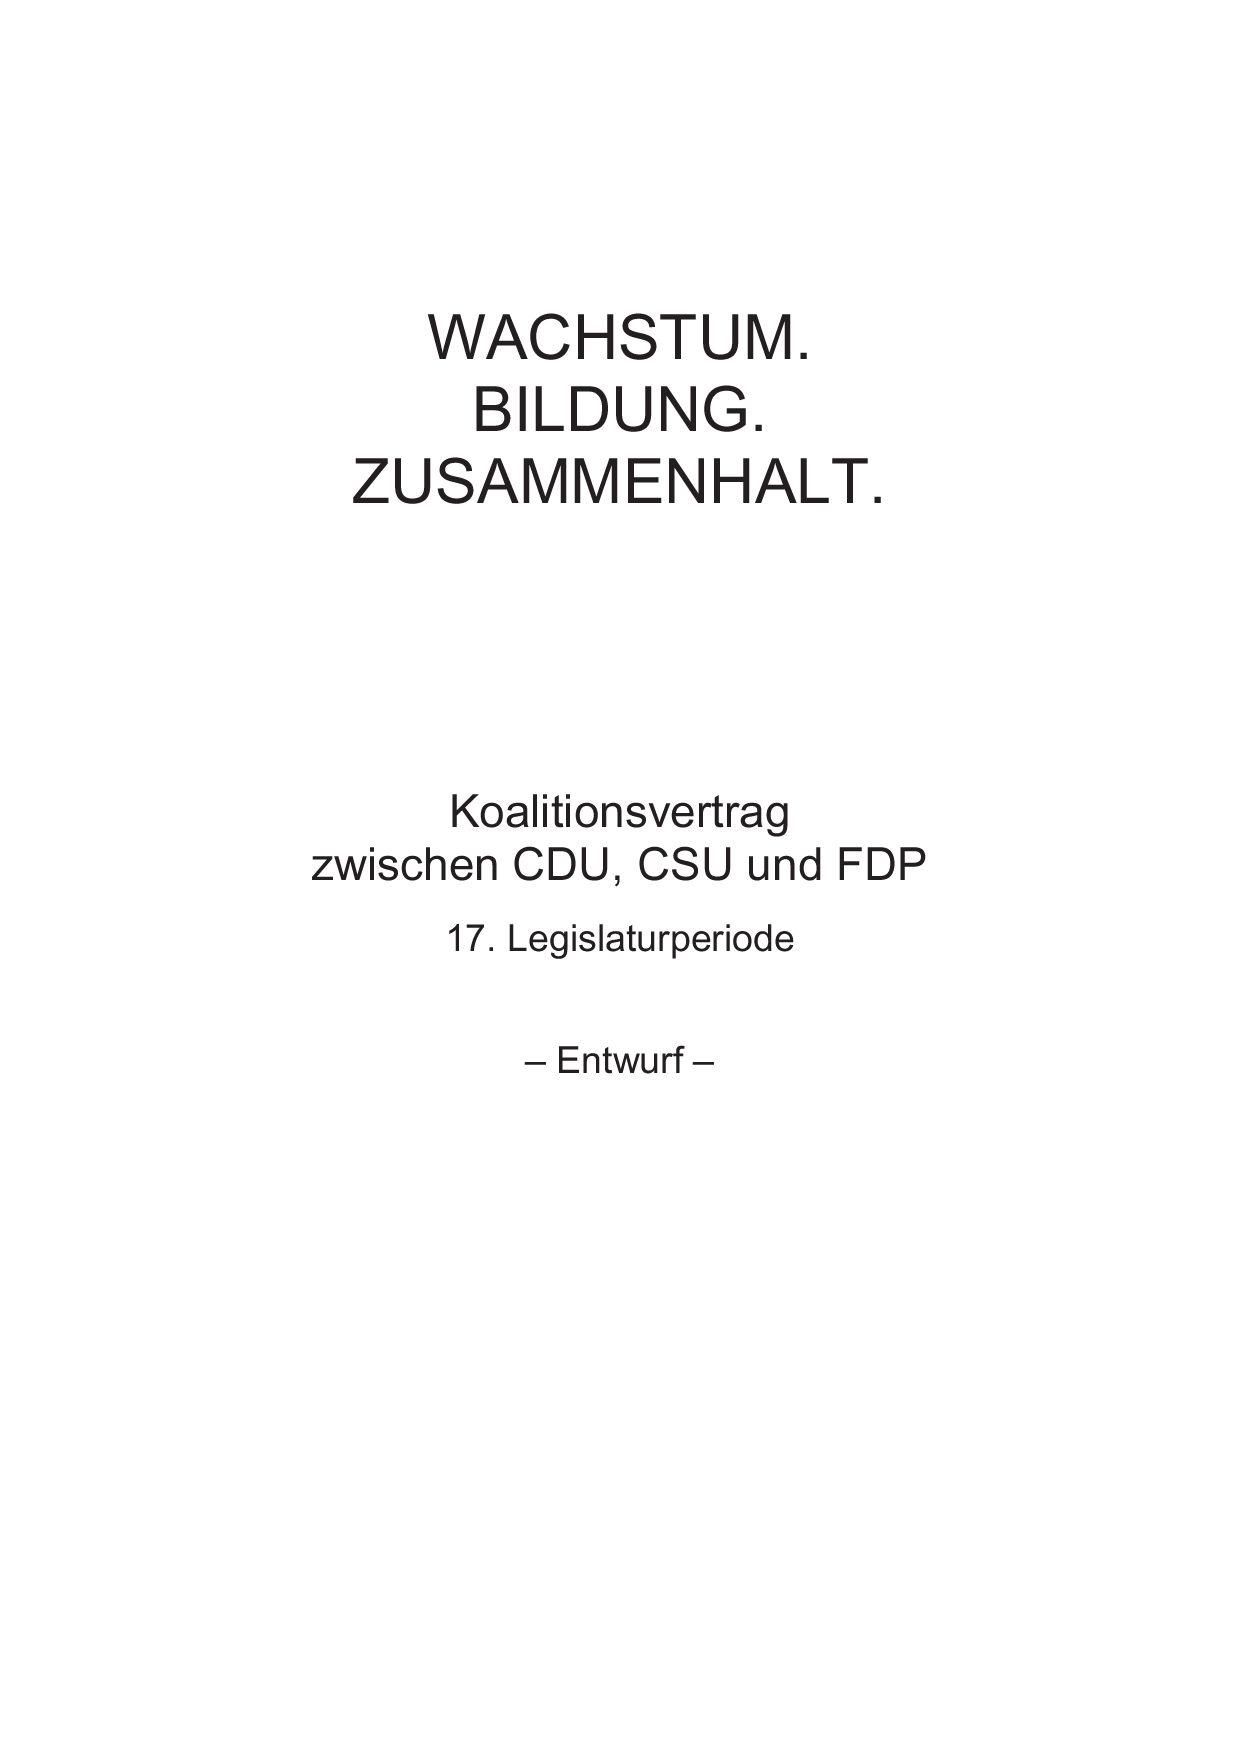 Koalitionsvertragzwischen CDU, CSU und FDP by Tourvision Foundation - issuu